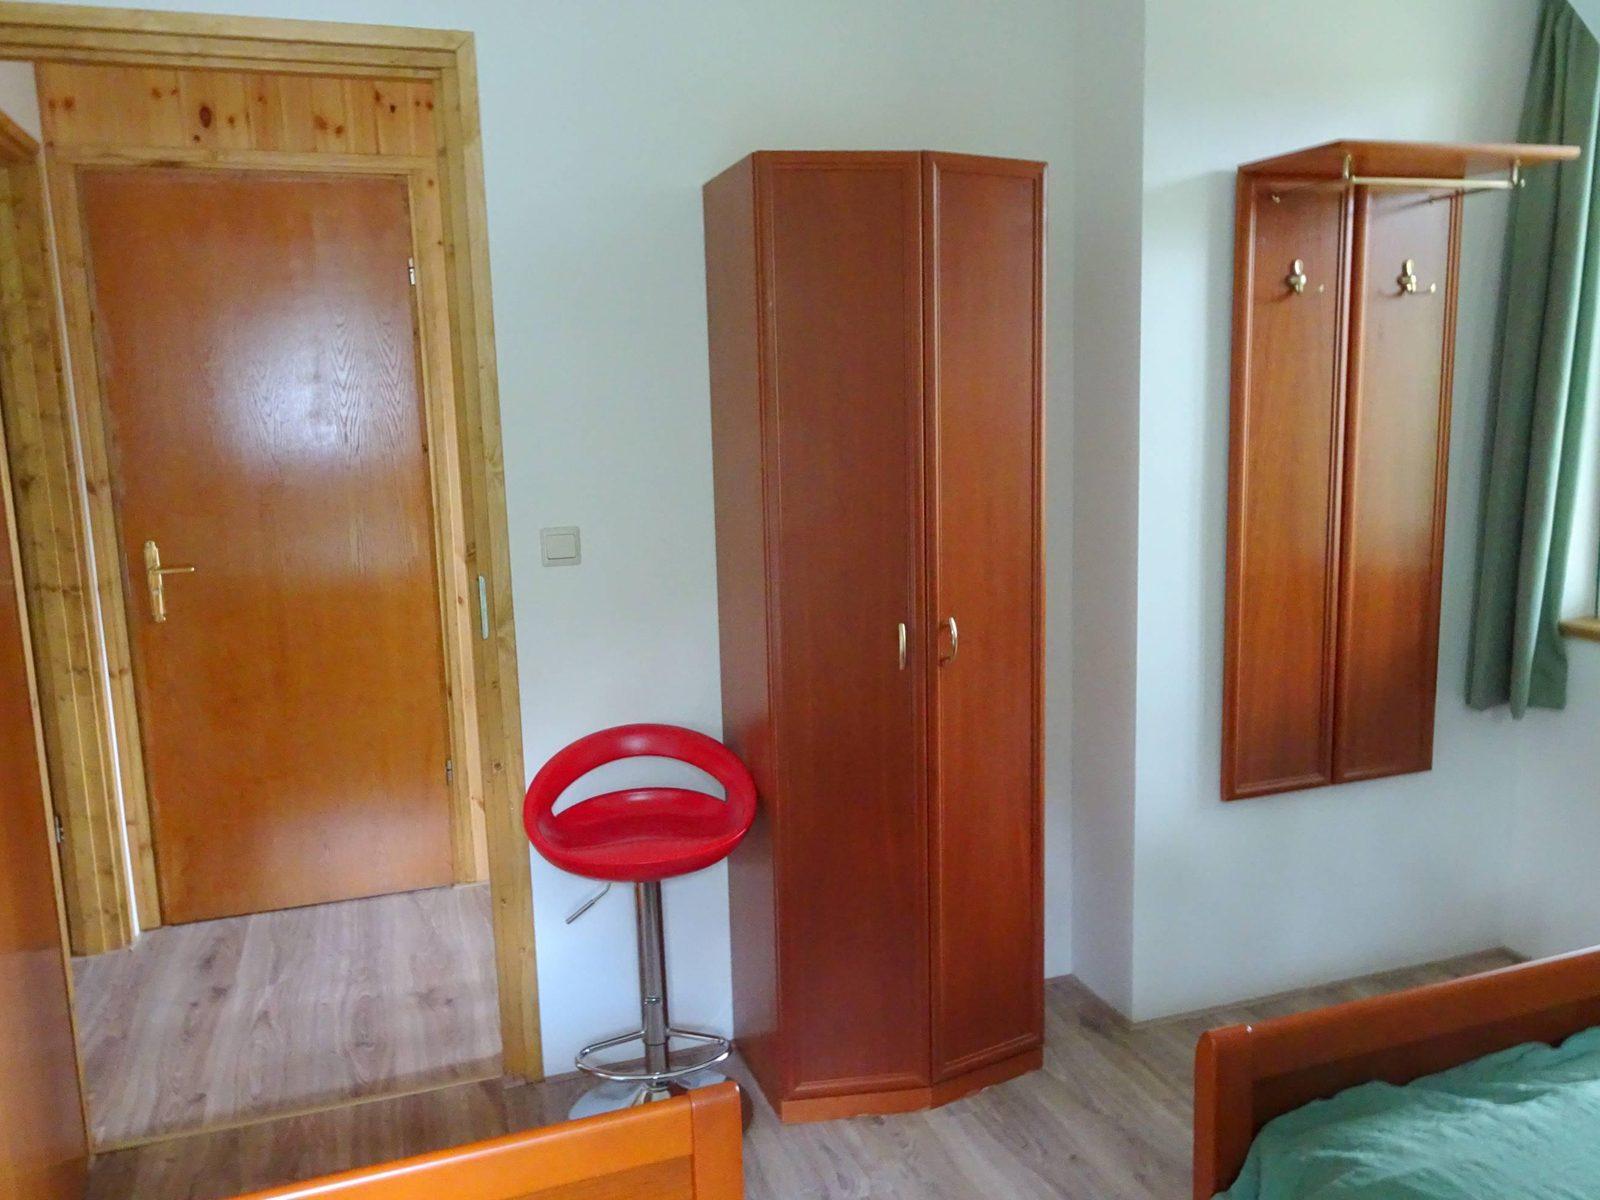 Kleine slaapkamer Badzicht Schipborg Músarrindill